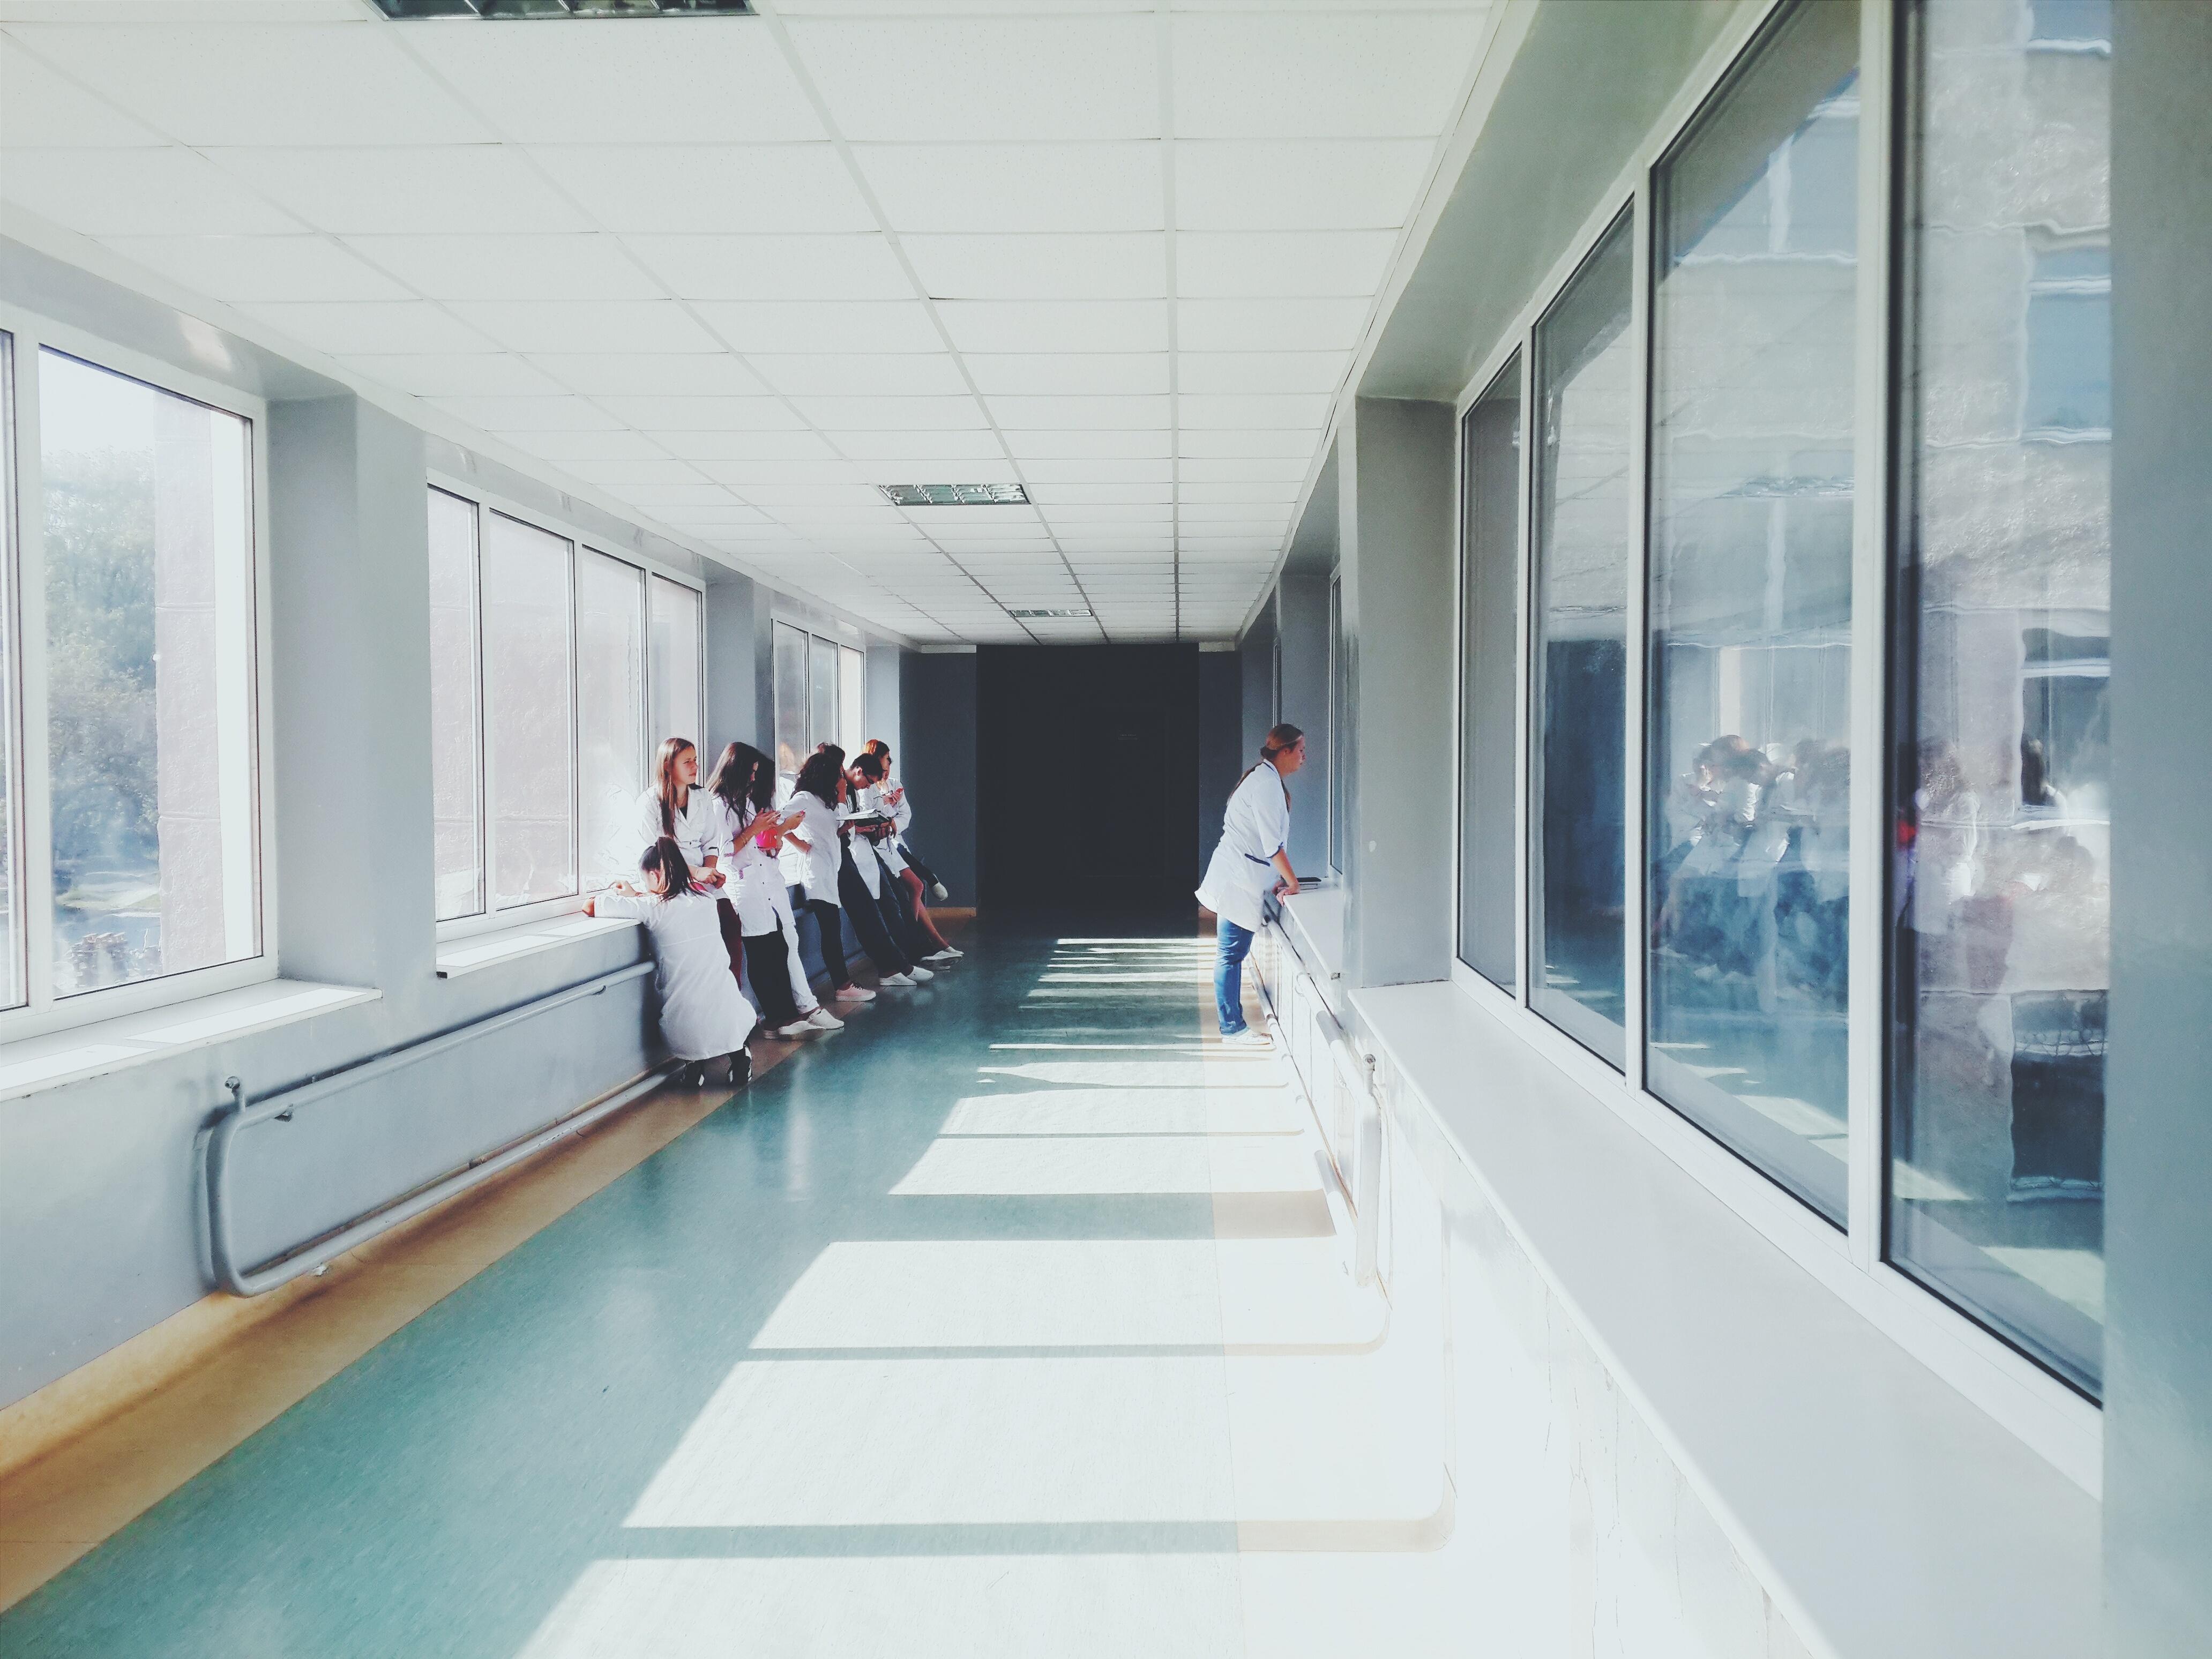 doctors_standing_in_hallway.jpeg